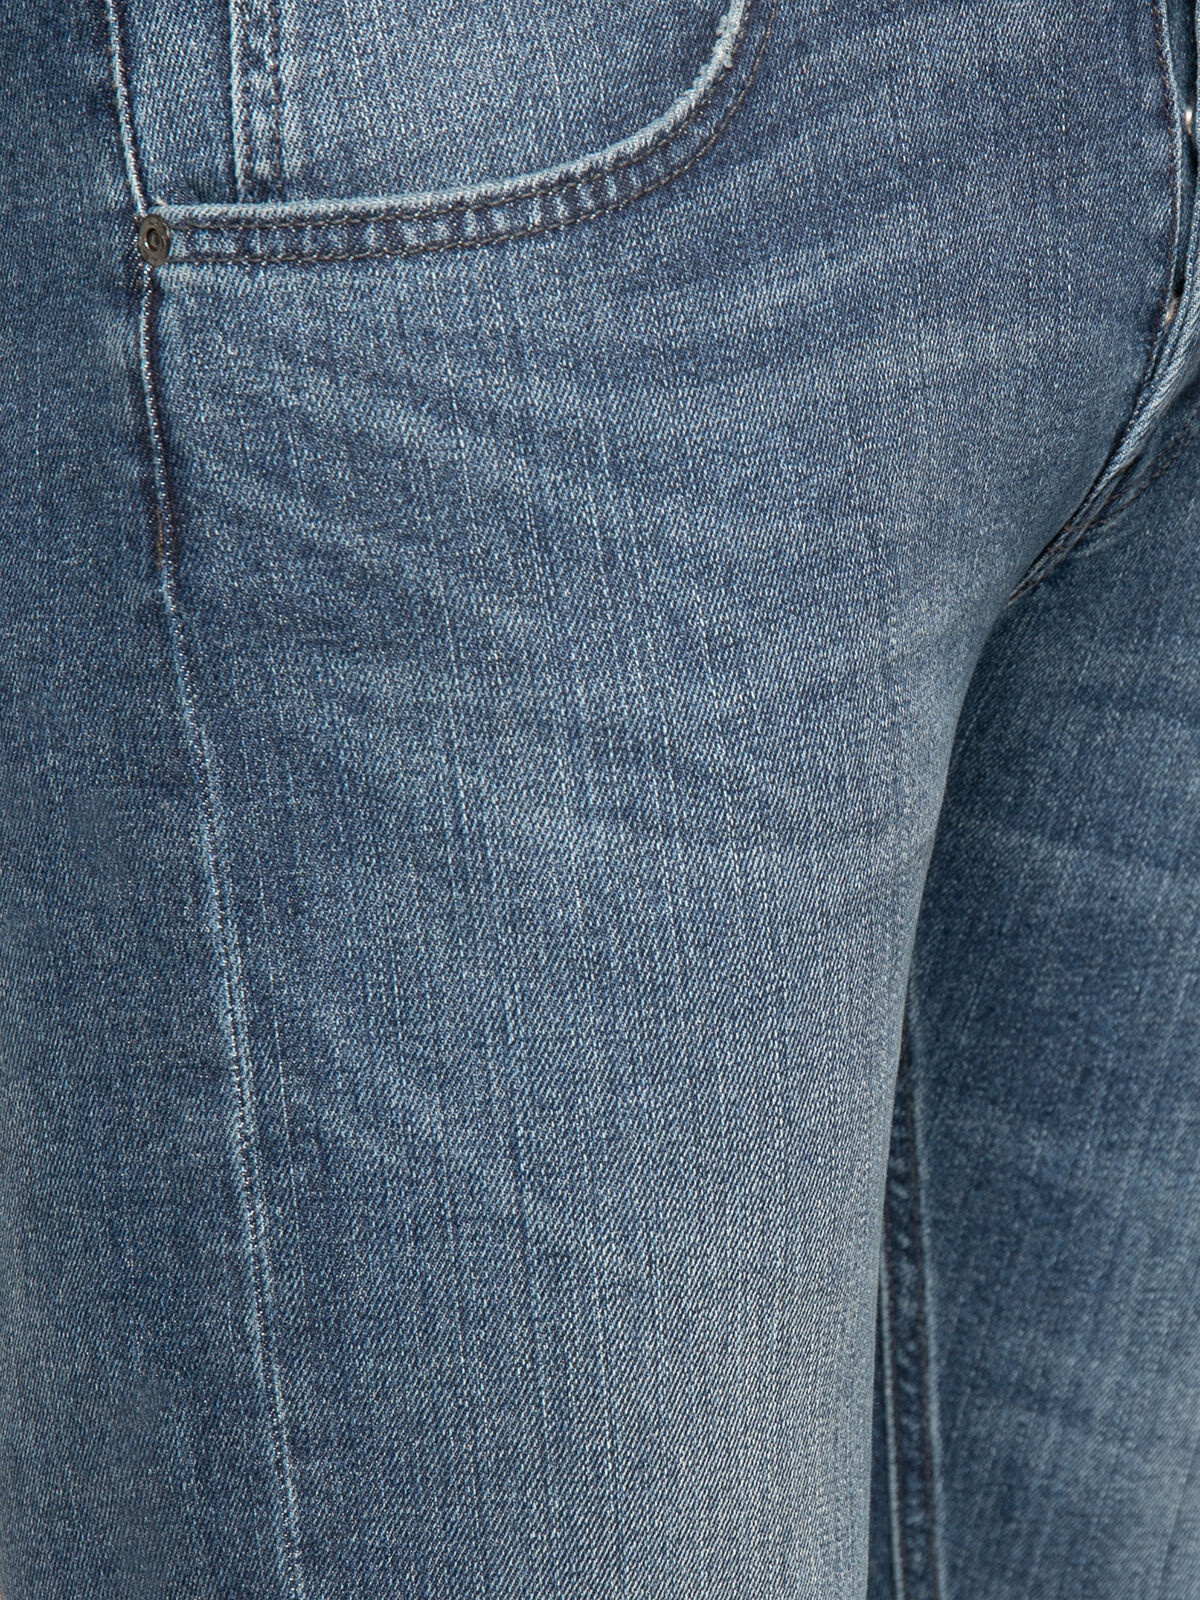 Daren Jeans